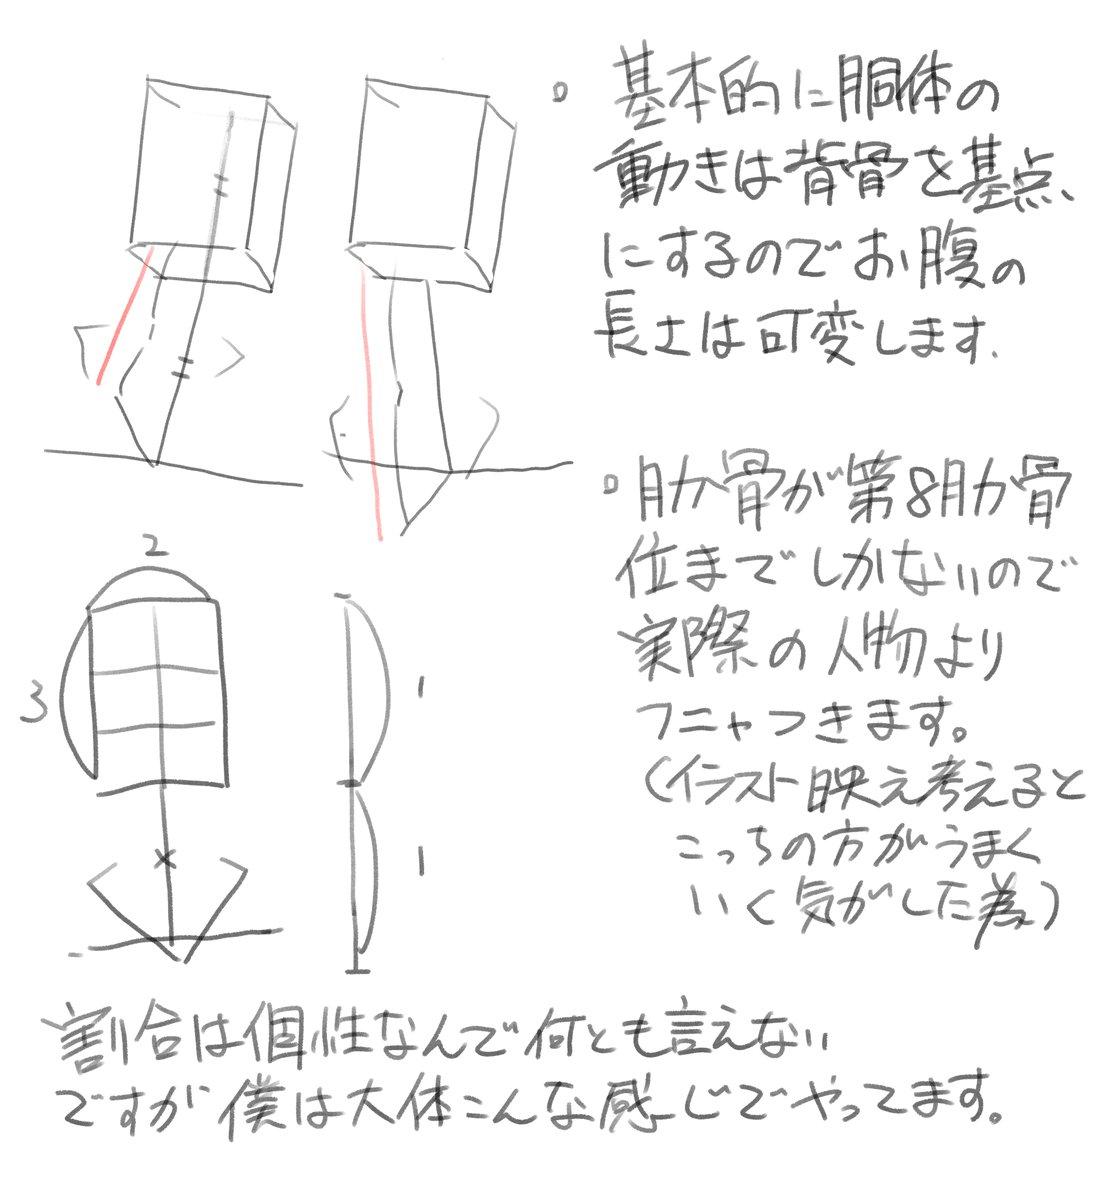 箱一つとT字が描ければ大体からだのアタリは描けるよっていう図解